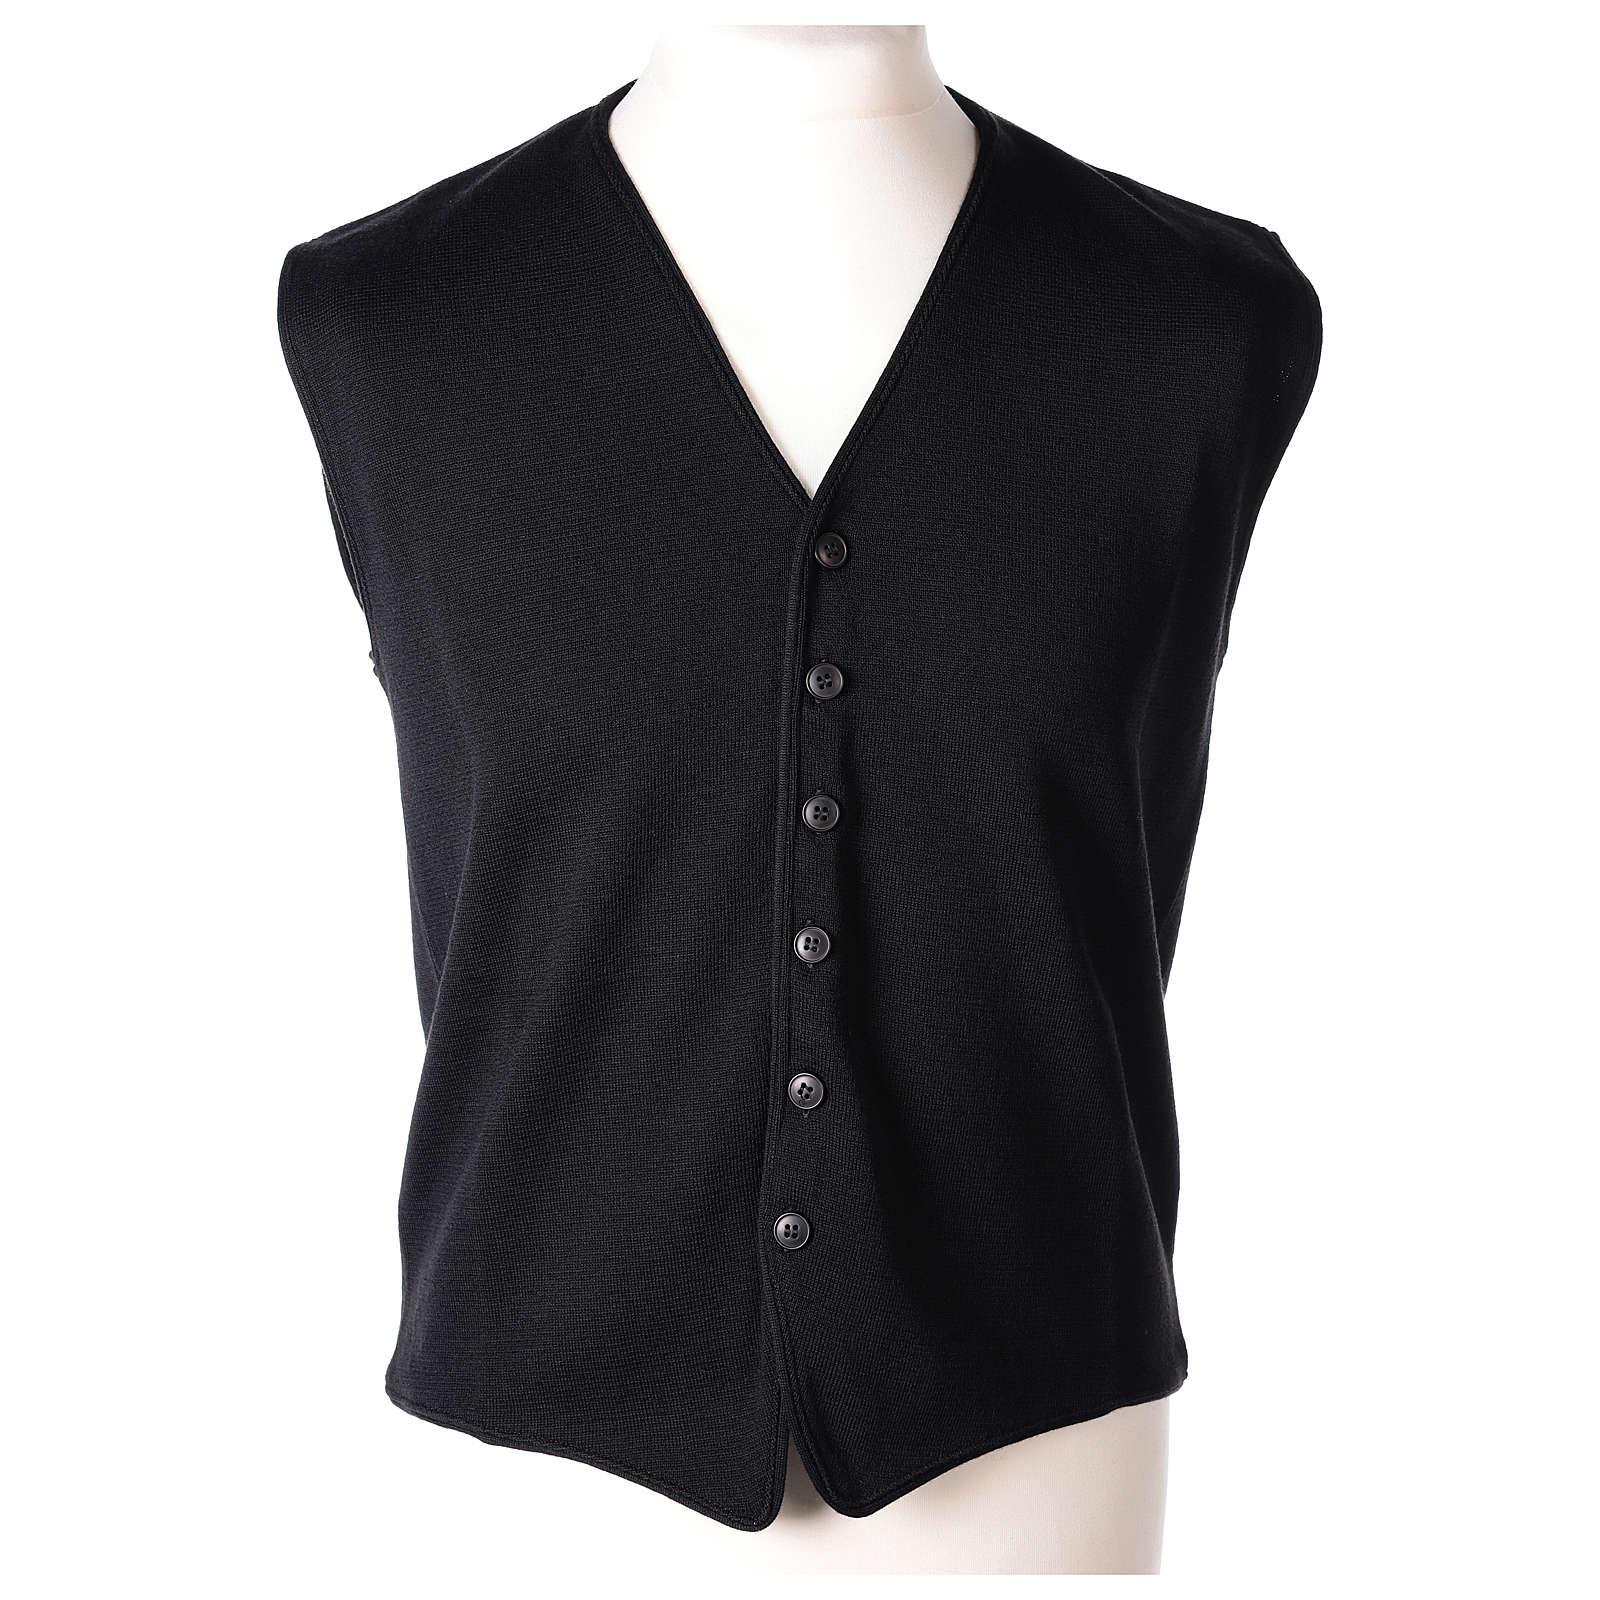 Gilet prêtre noir avec boutons 50% laine mérinos 50% acrylique In Primis 4